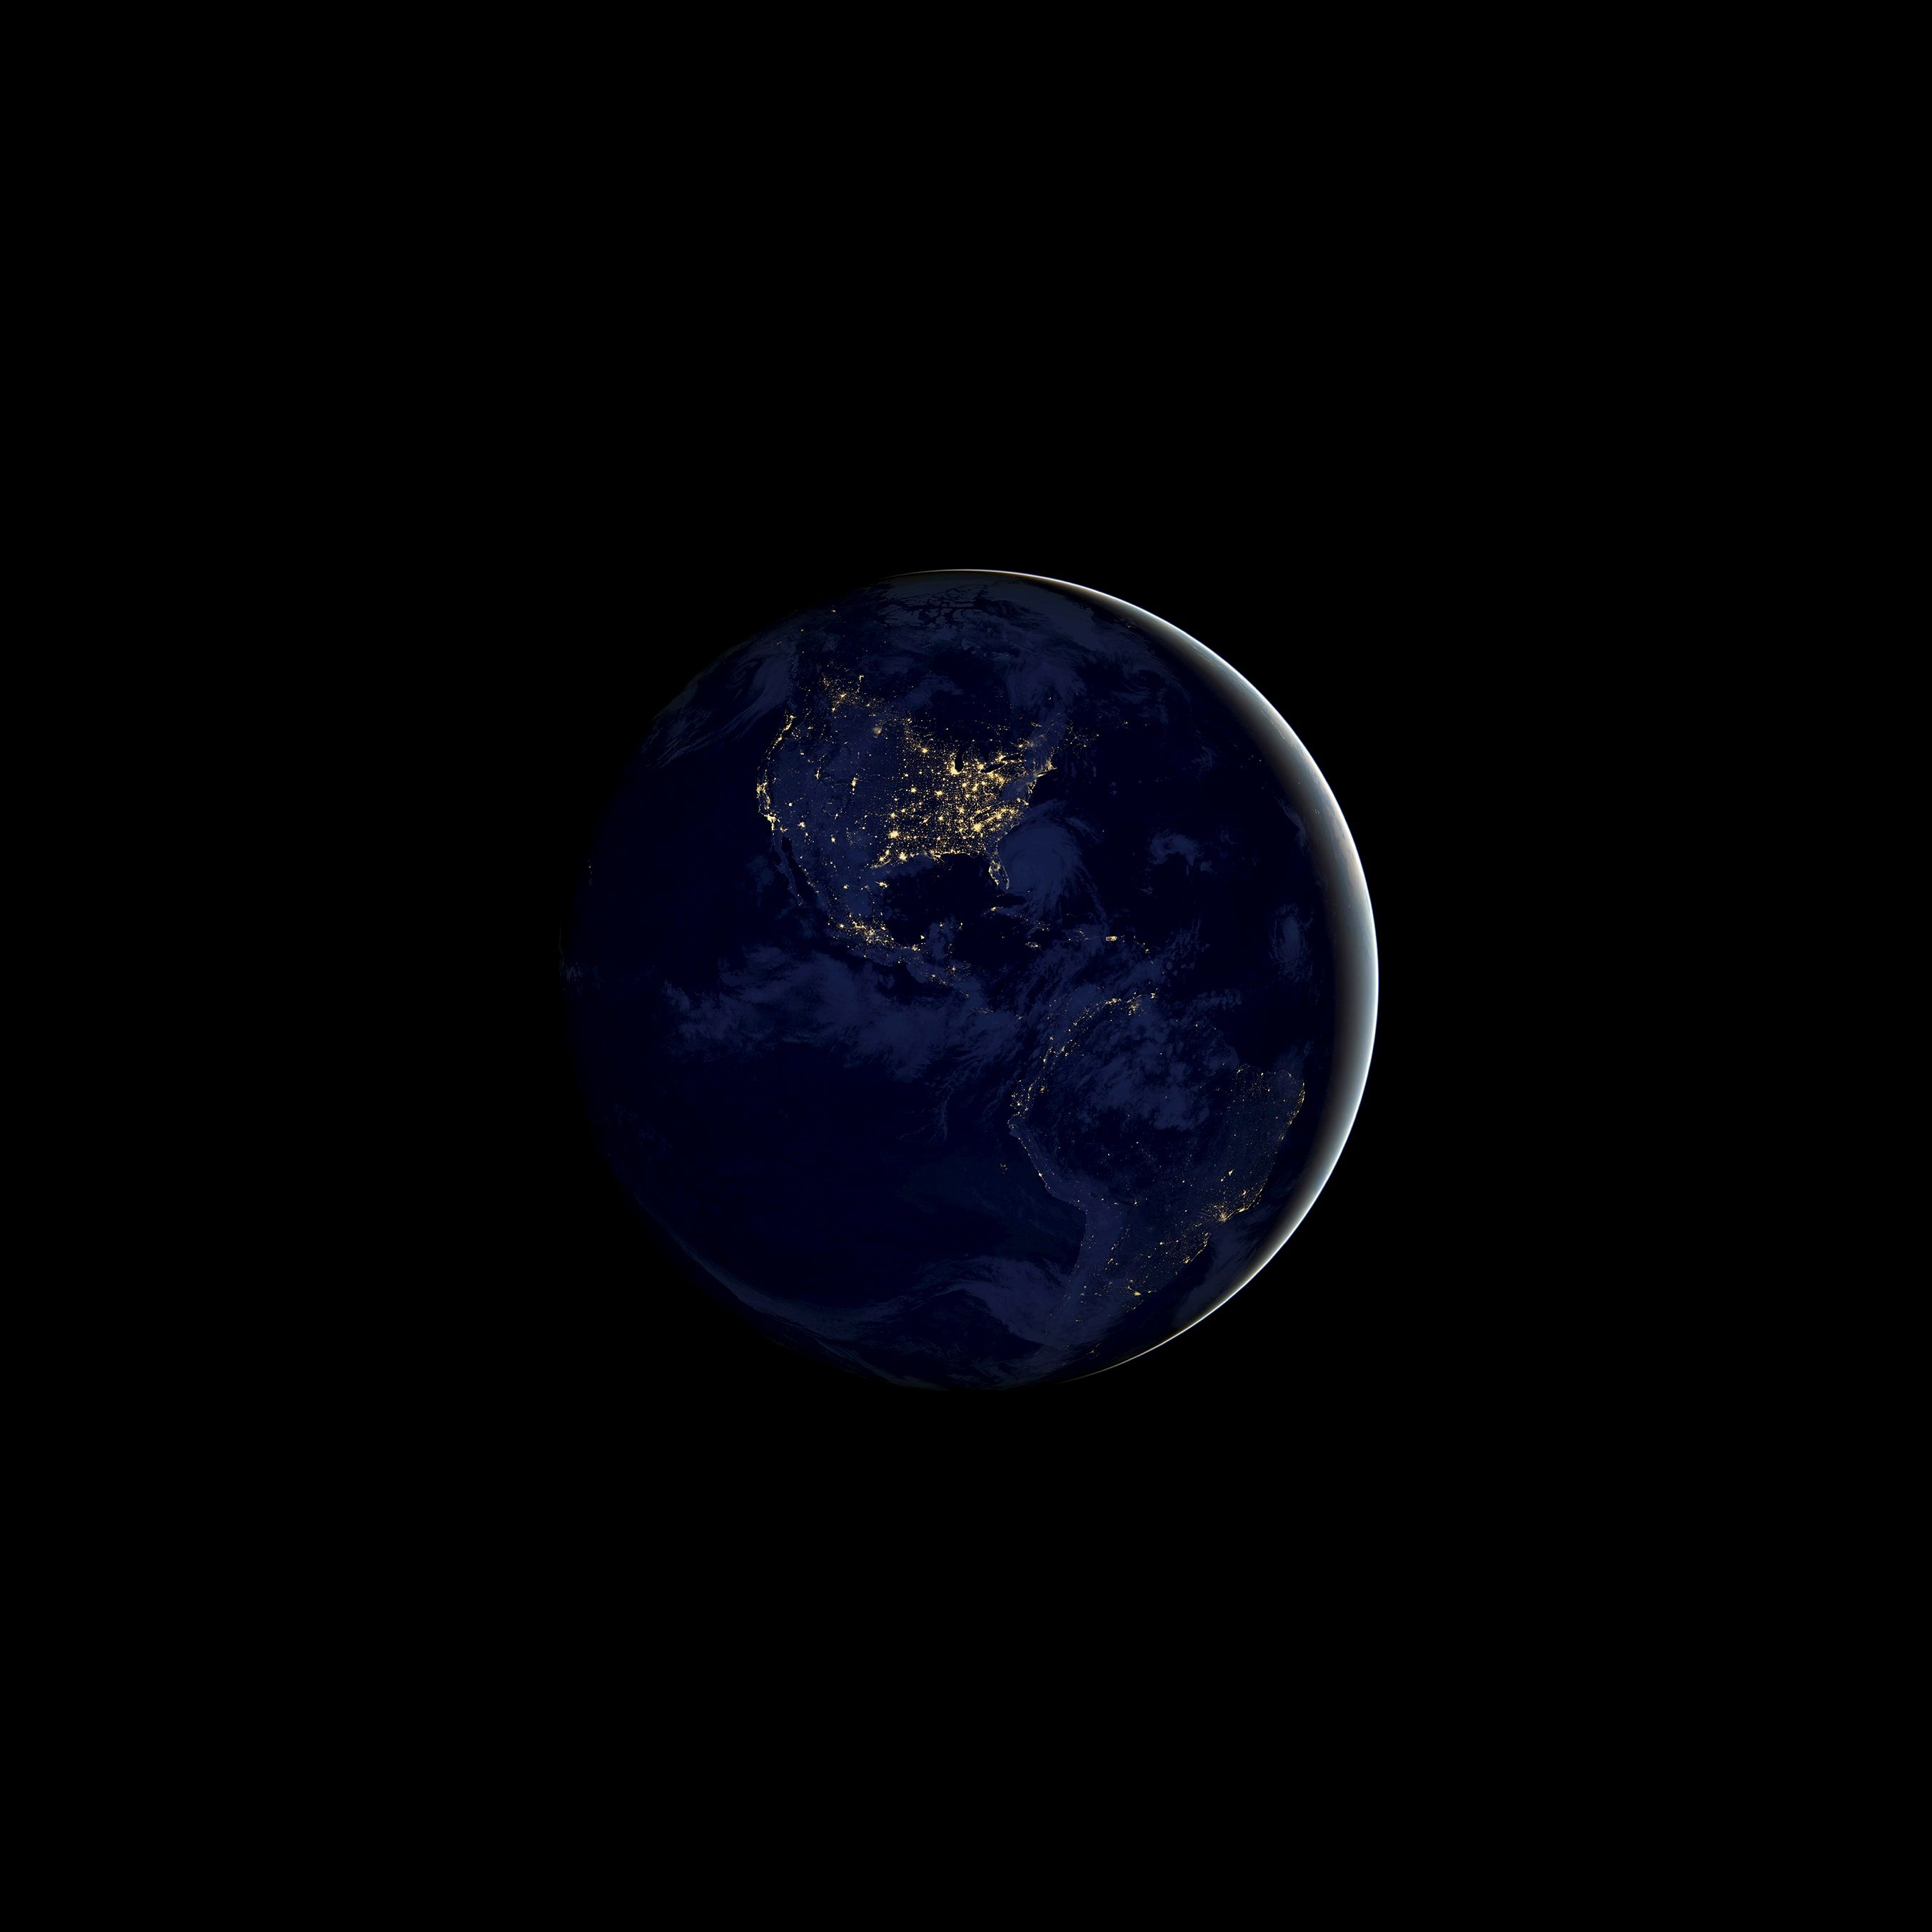 Iphone Earth Wallpaper 4k Download Gallery Di 2020